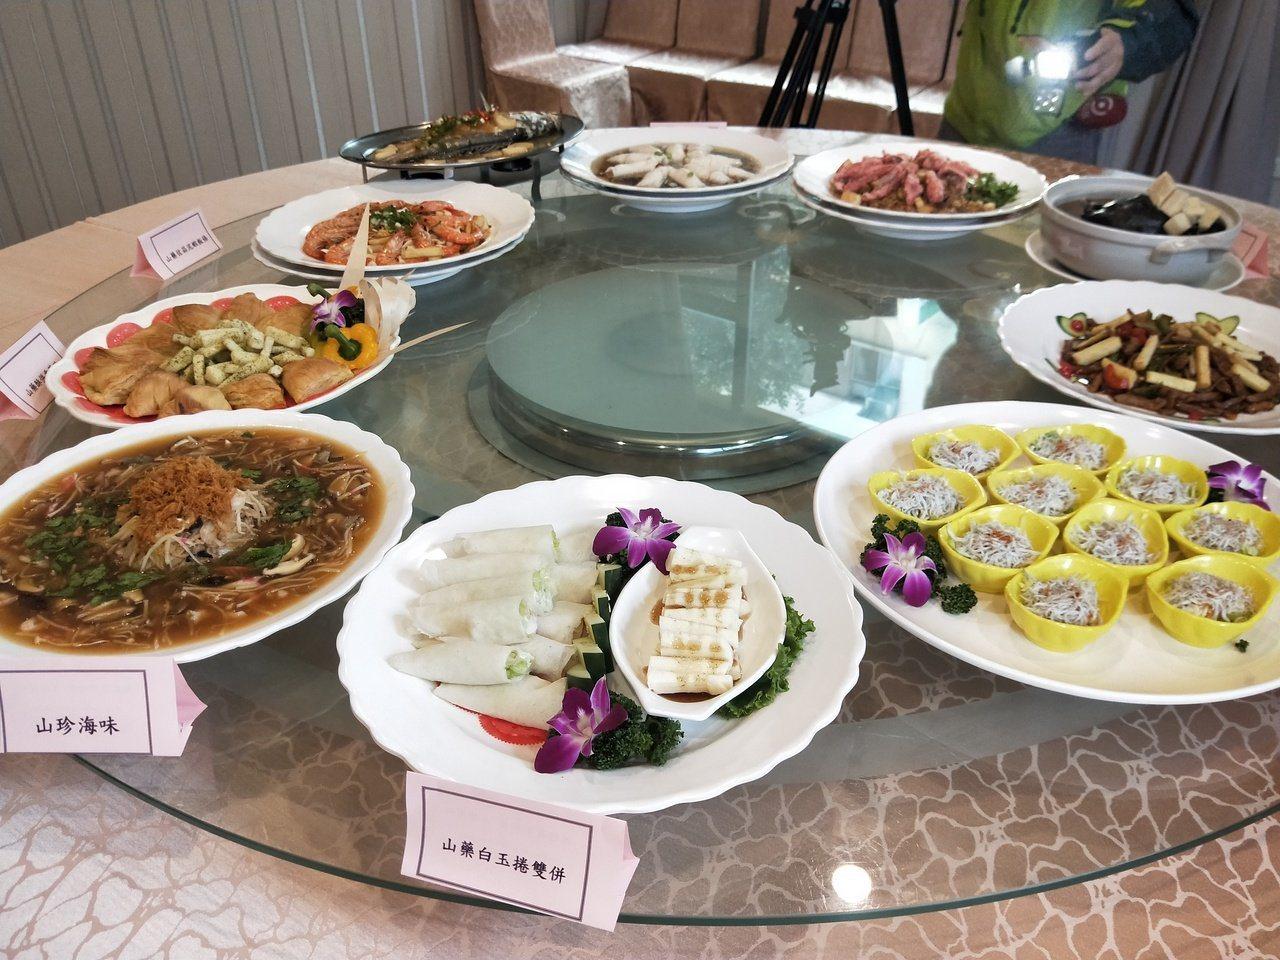 基隆山藥大餐今晚登場席開百桌,10道創意料理好吃。記者游明煌/攝影